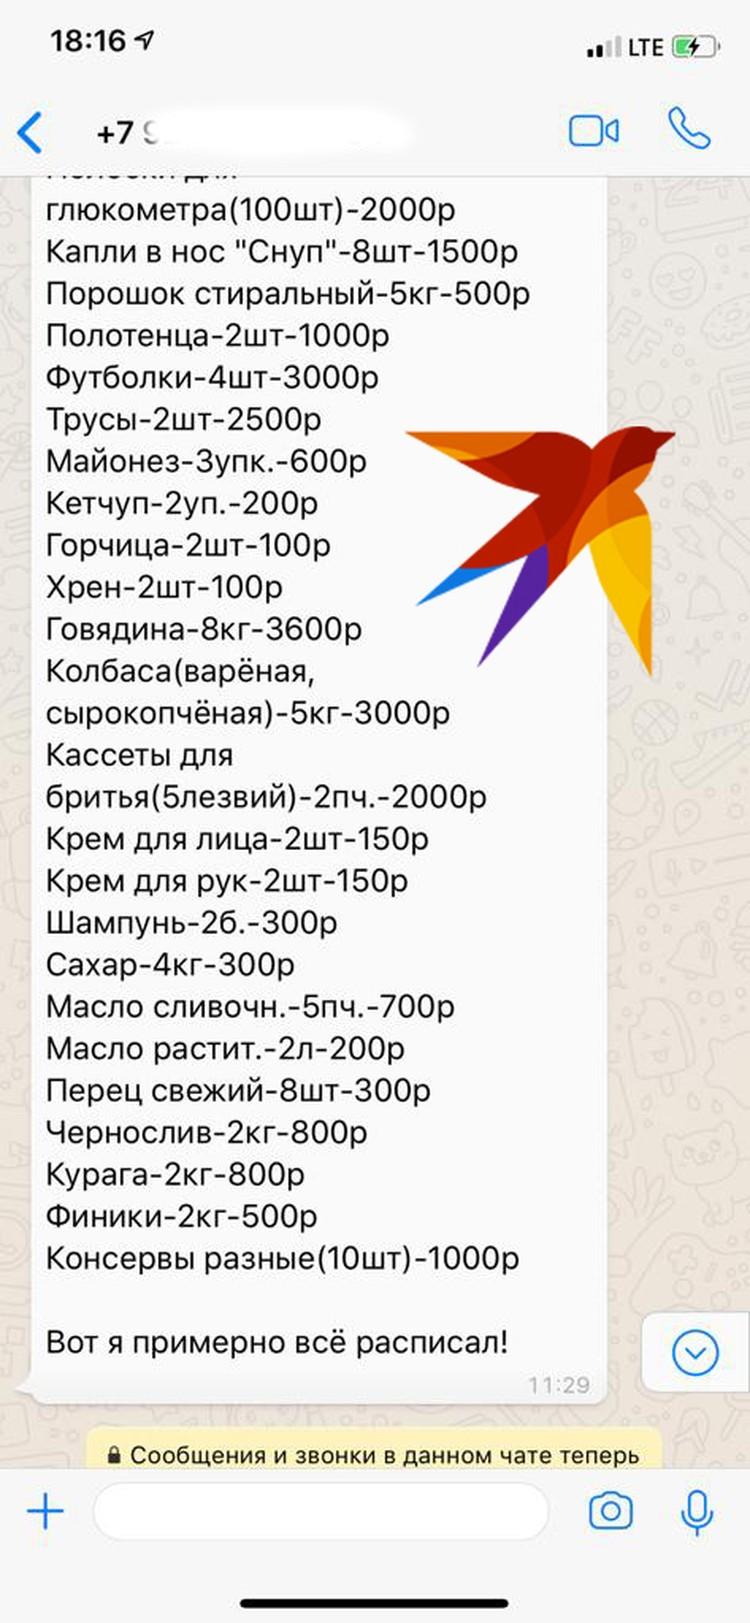 Список продуктов для Цеповяза